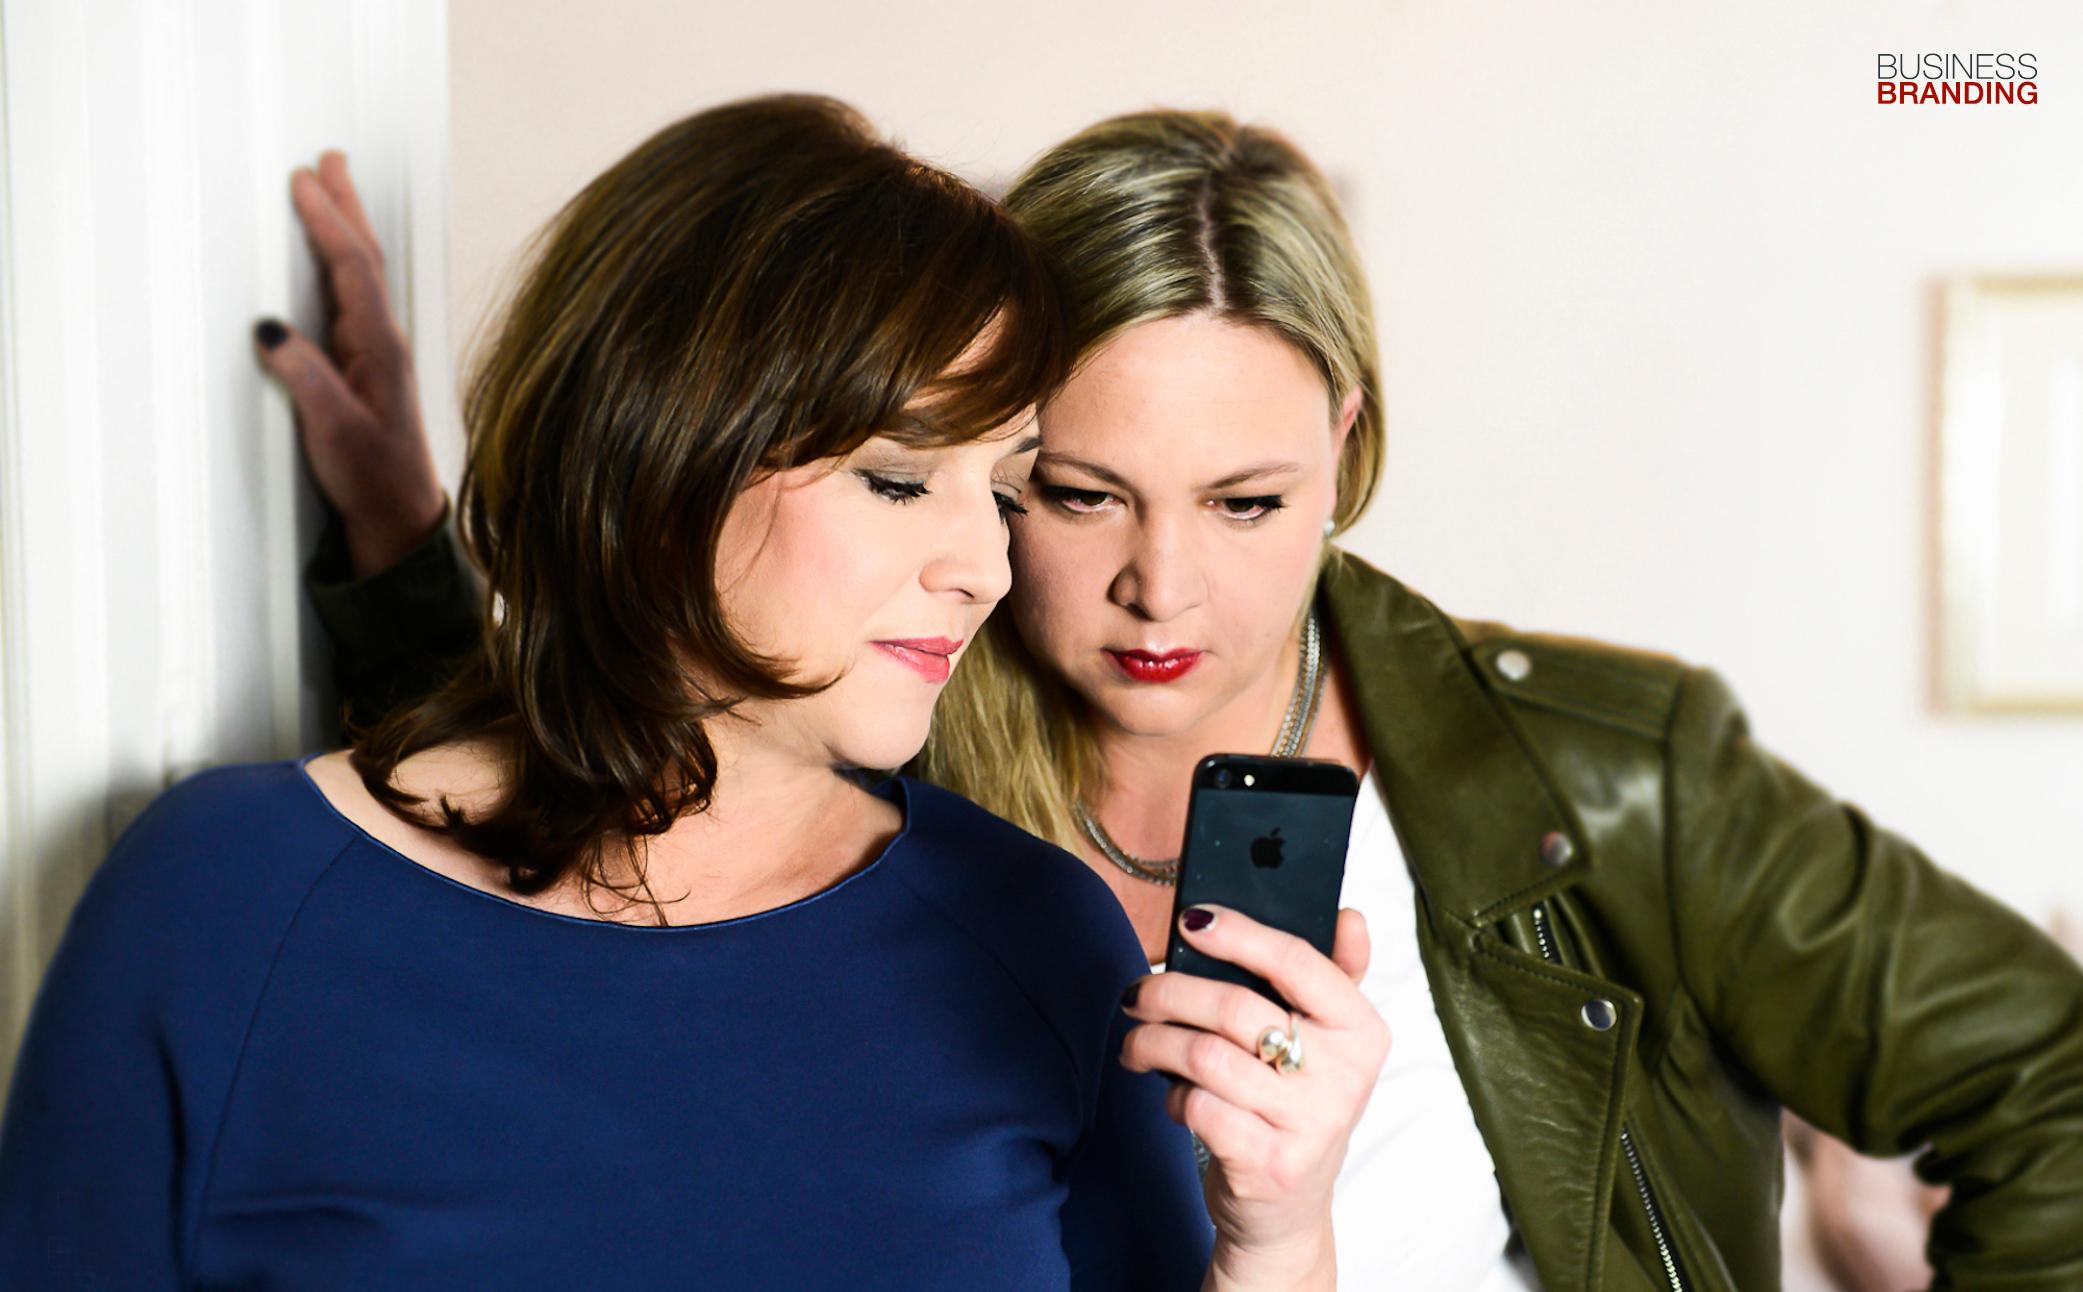 Hier sehen Sie ein Bild mit zwei Frauen die auf ein Handy schauen - Business Portraits - Business Branding Fotograf Berlin